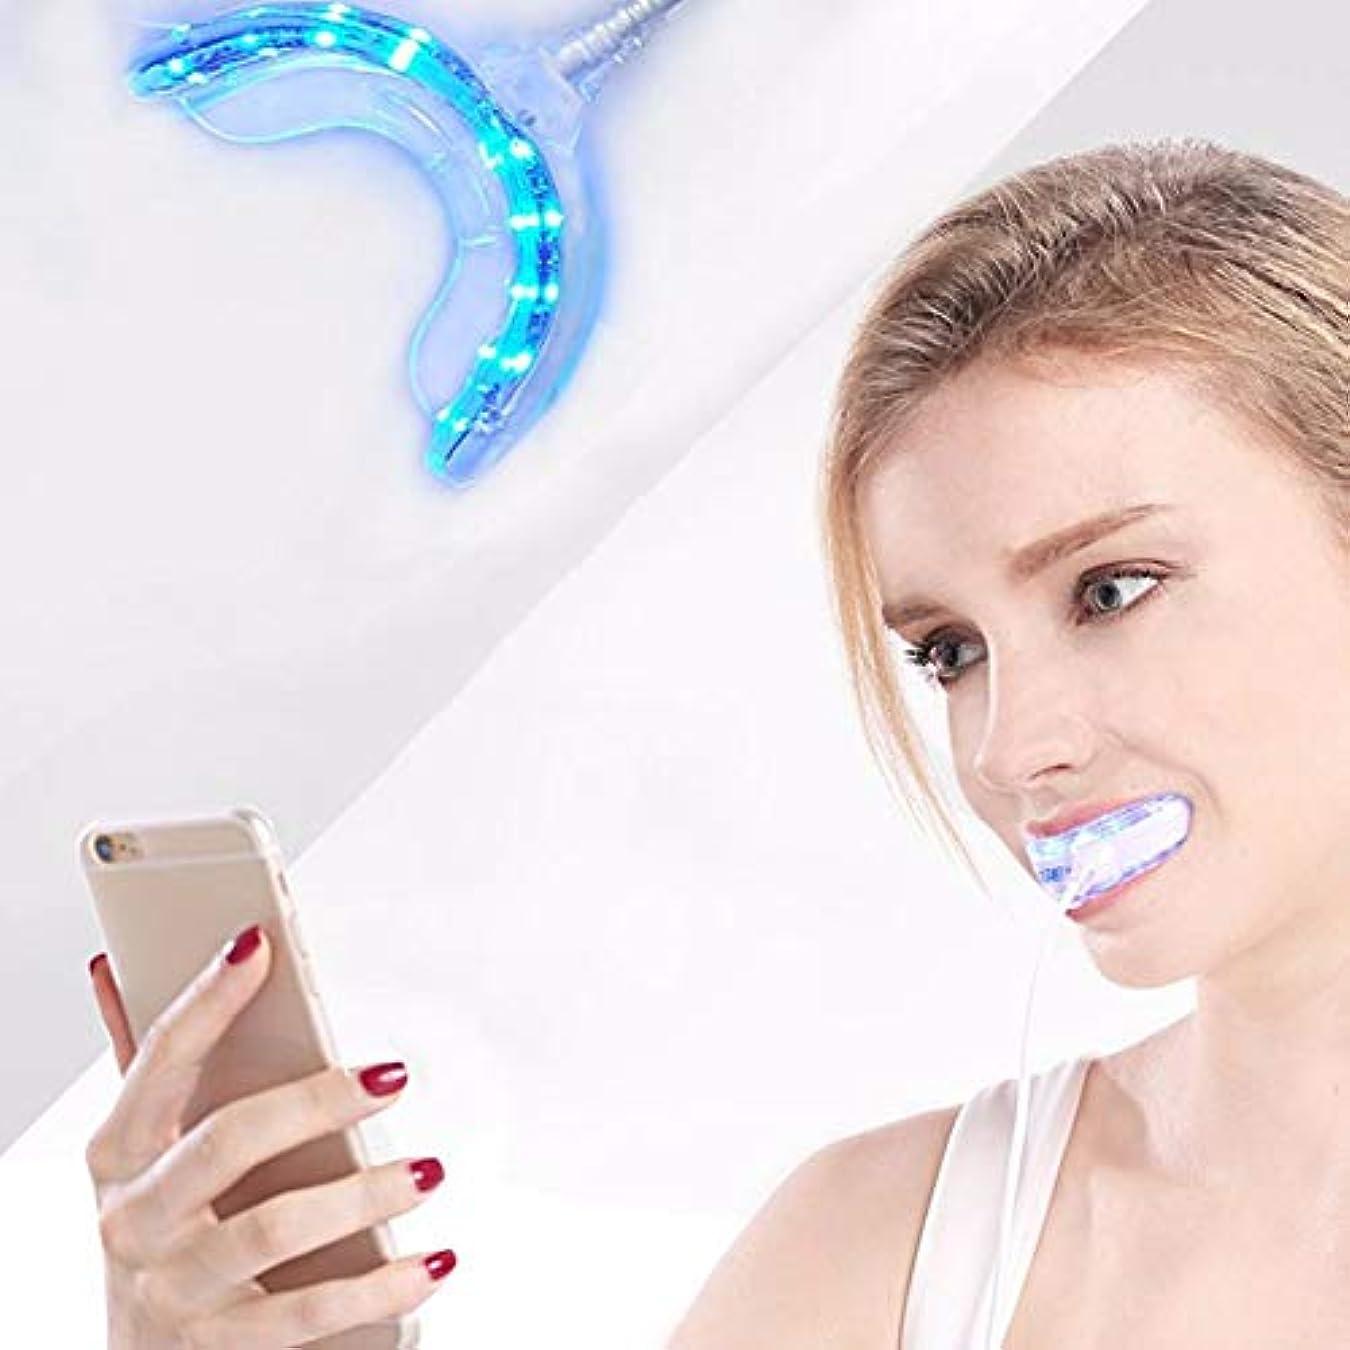 密接にくさび香水人間の特徴をもつIOSの歯科漂白システム防水歯を白くするための装置3 USB港を白くする携帯用スマートなLEDの歯